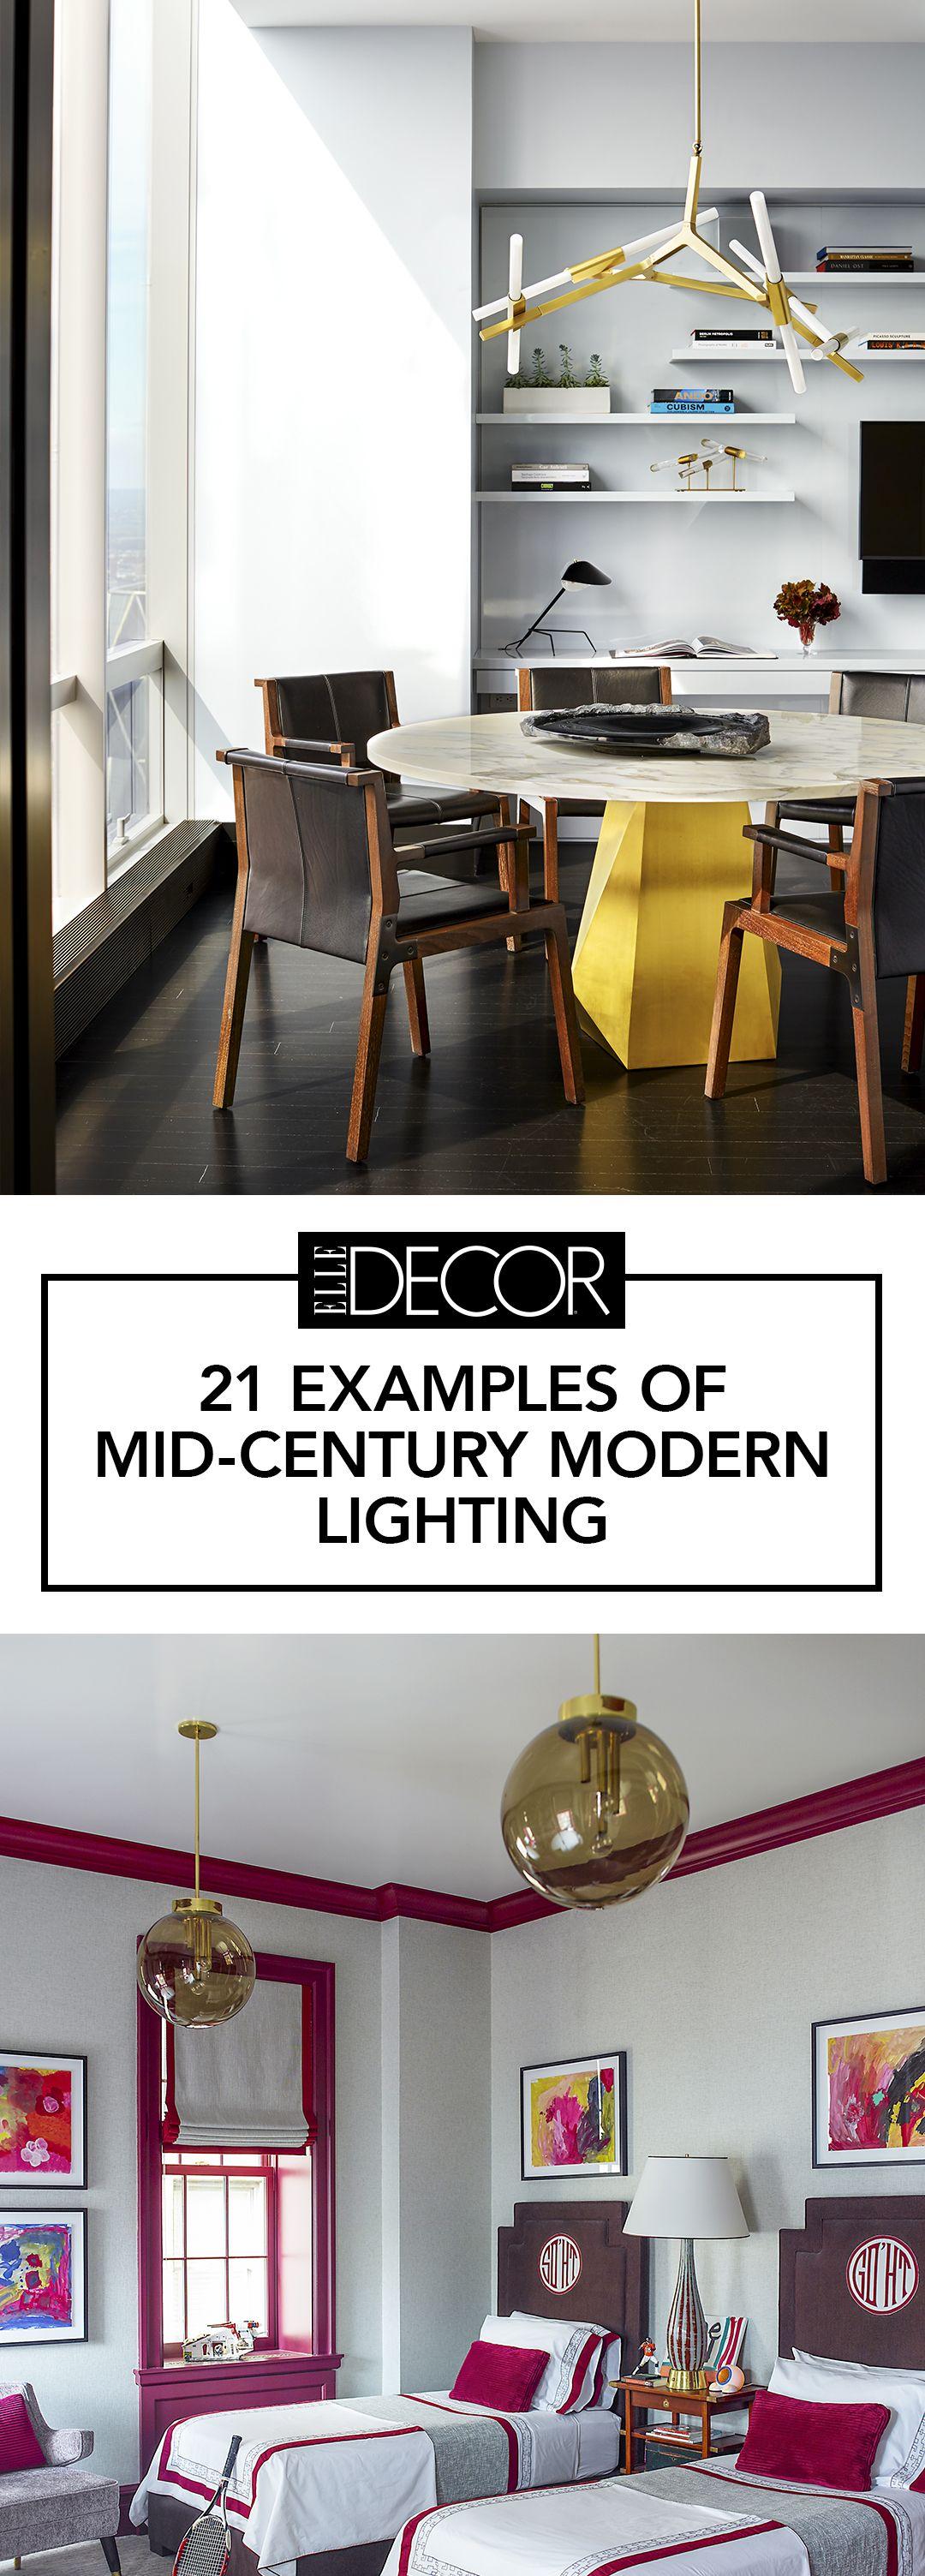 26 Mid Century Modern Lighting Ideas Mid Century Style